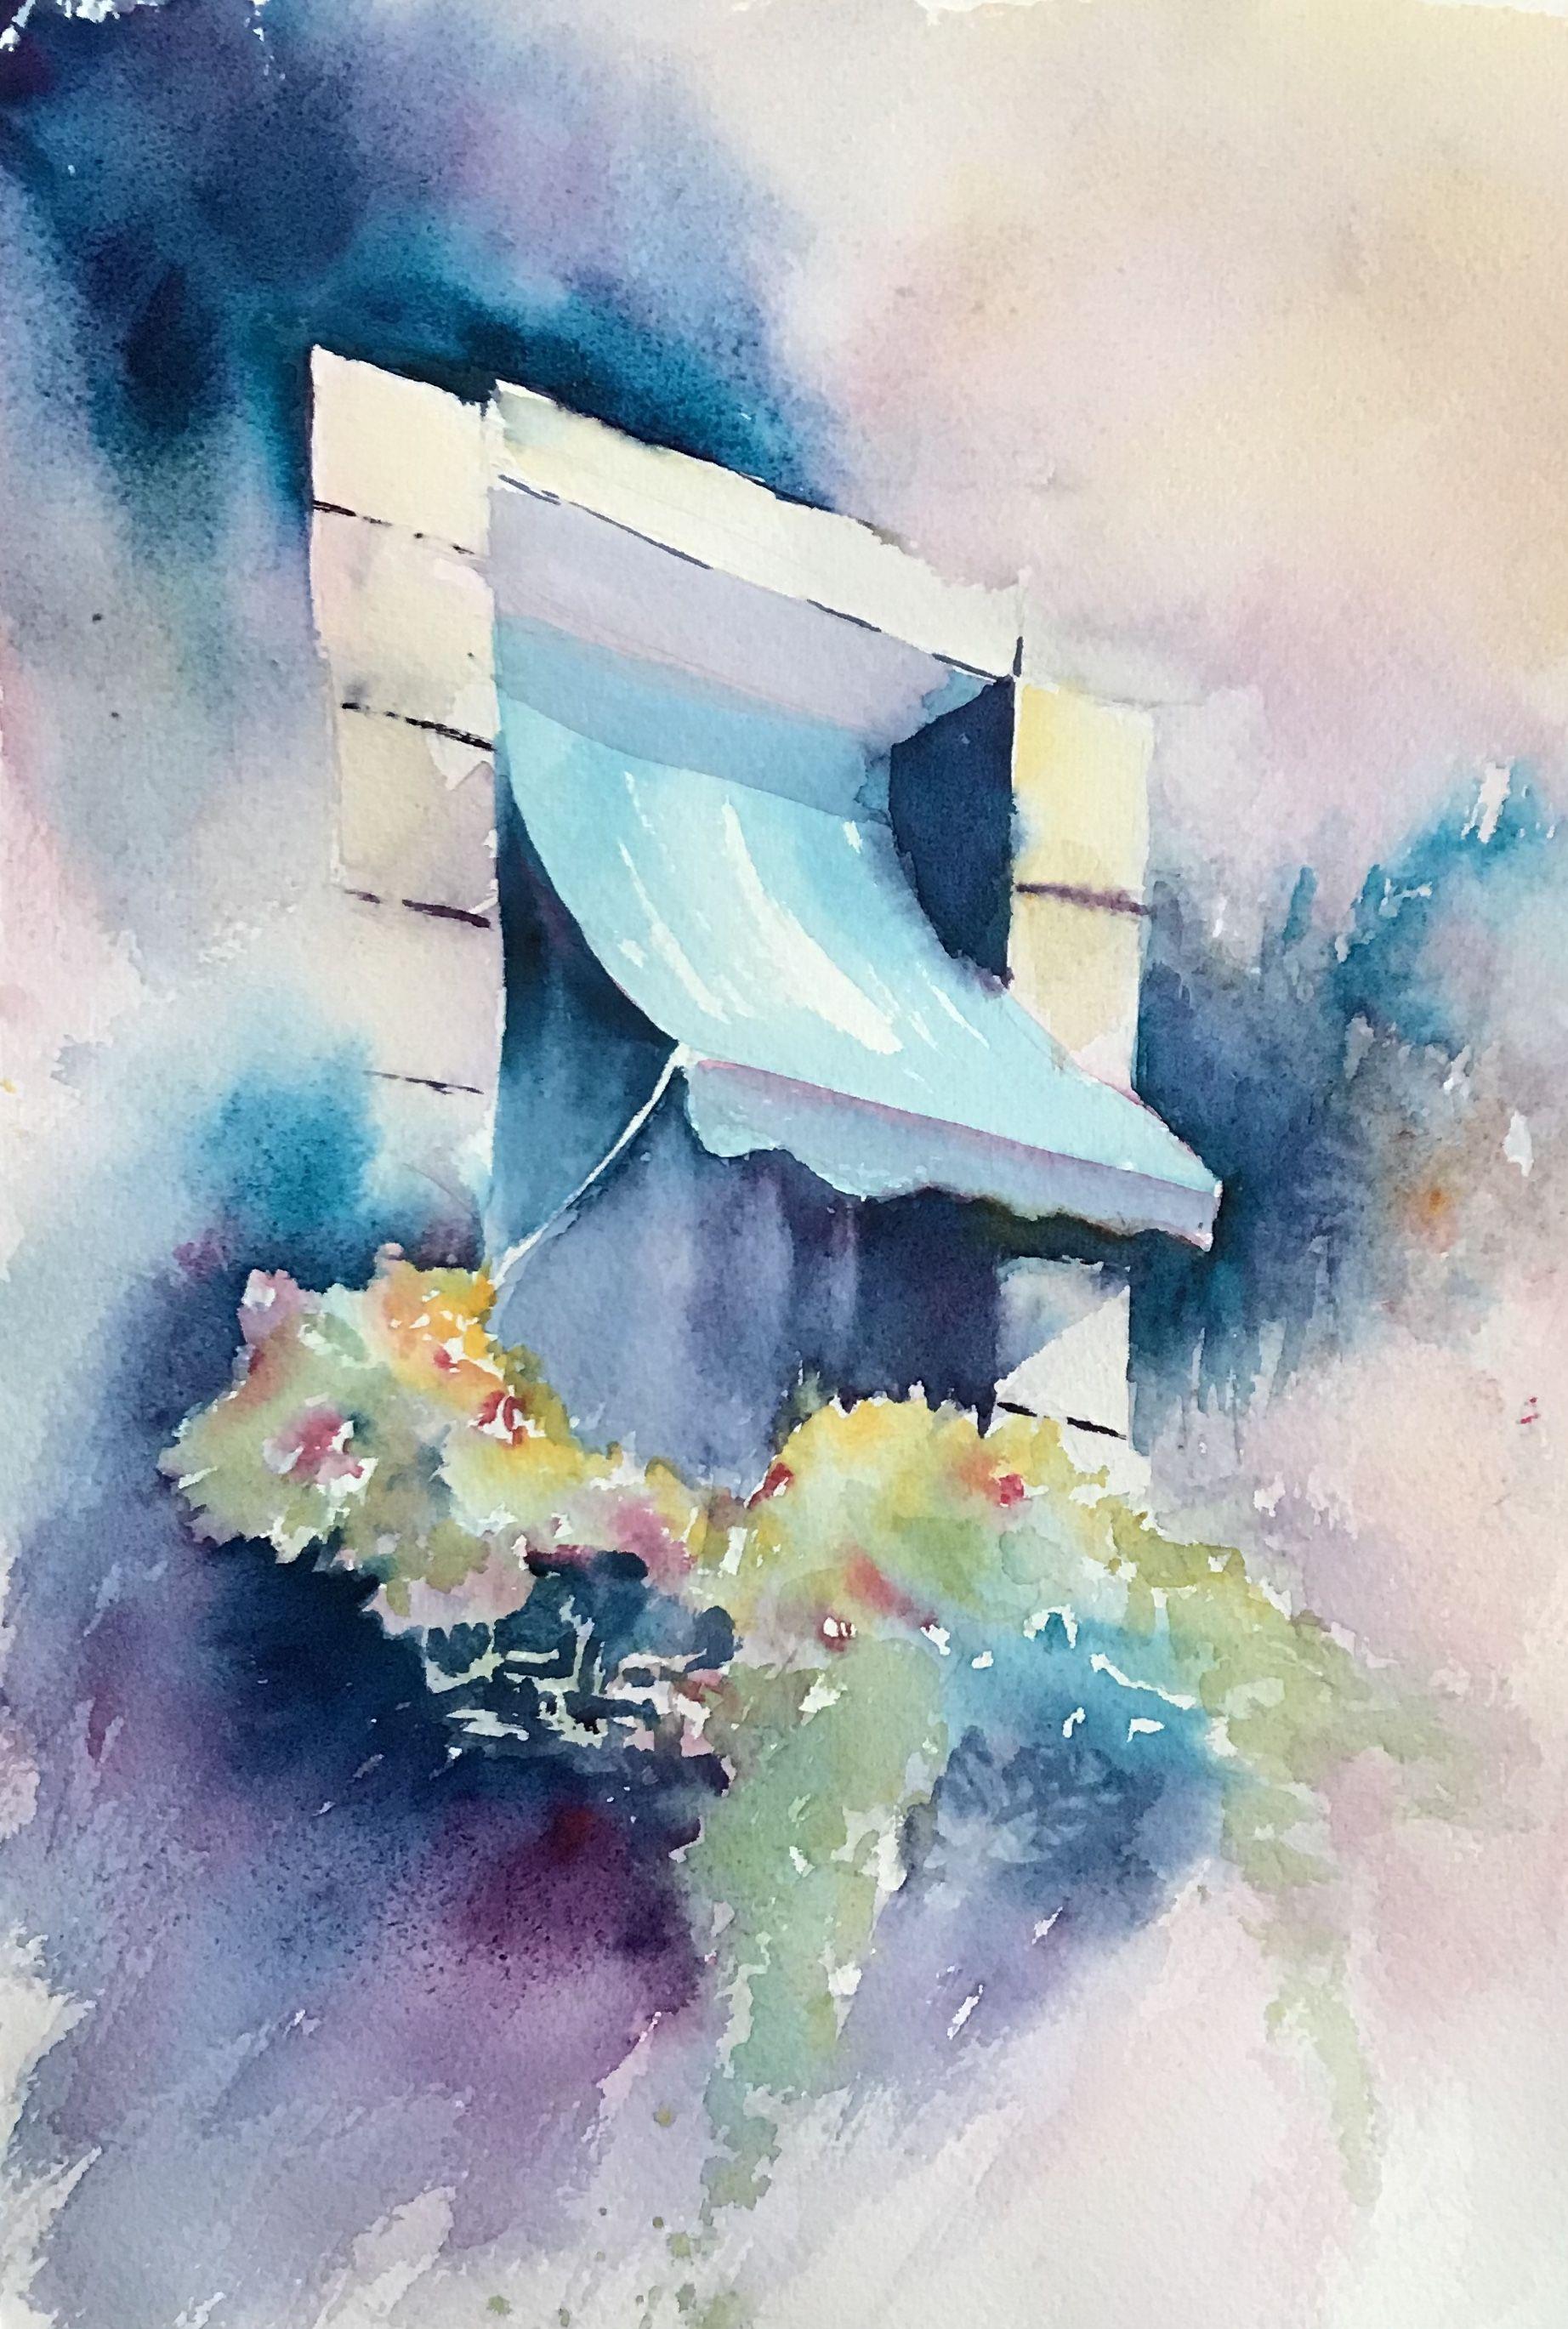 Onlinekurs Abstrakte Landschaften Mit Aquarell Malen An 22